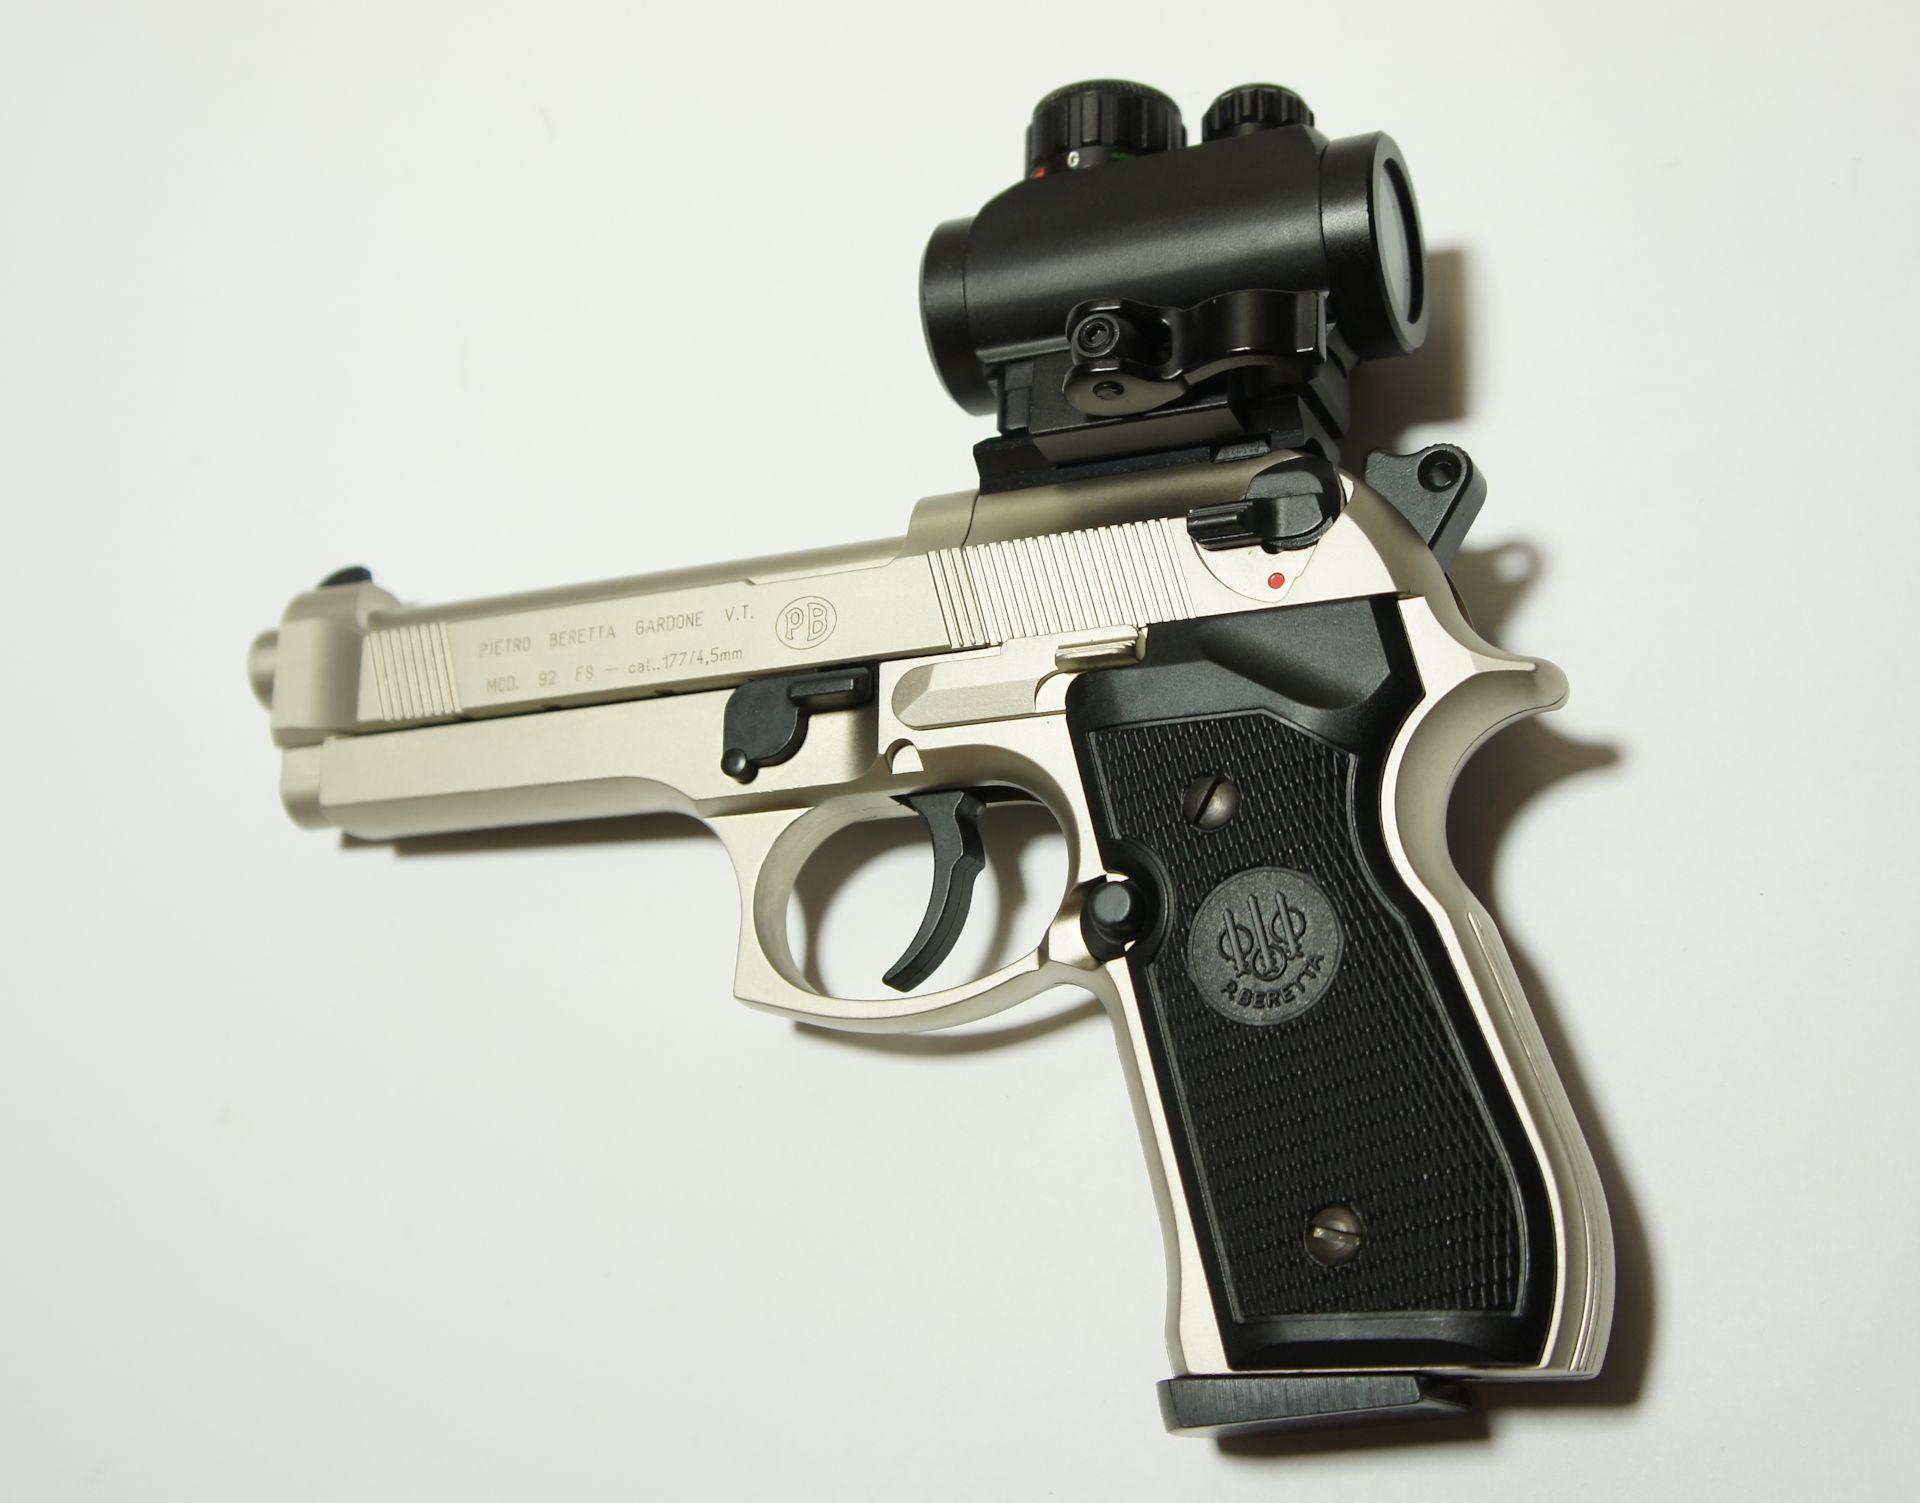 Montagebeispiel auf <a href=1050021.htm> CO2- Pistole Beretta</a>  mit <a href=1130221.htm> Red Dot UTG </a>